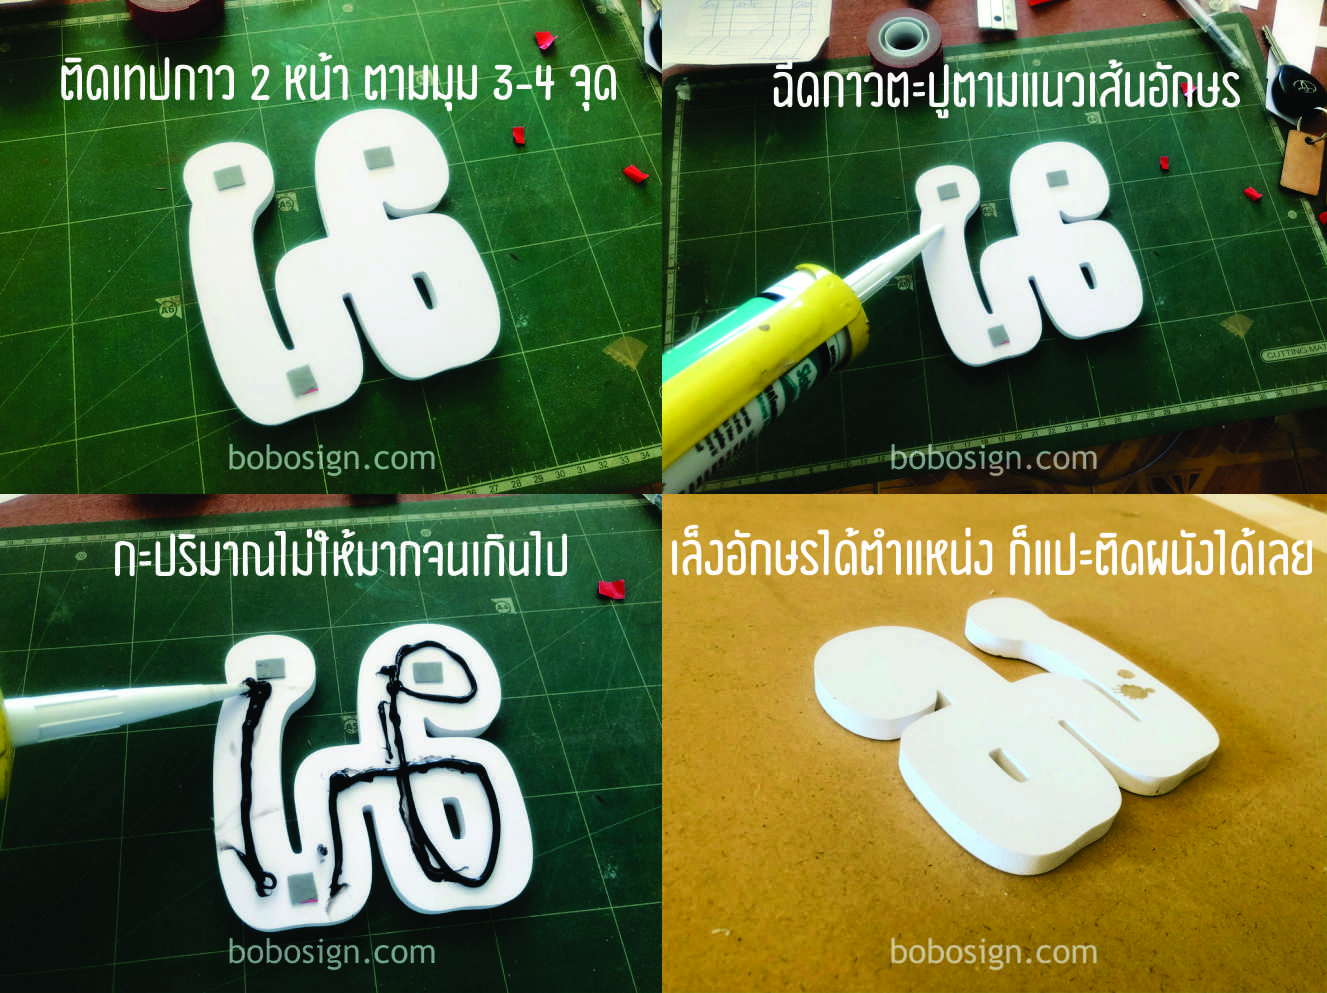 CNC อักษรไม้ พลาสวูด อะคริลิค